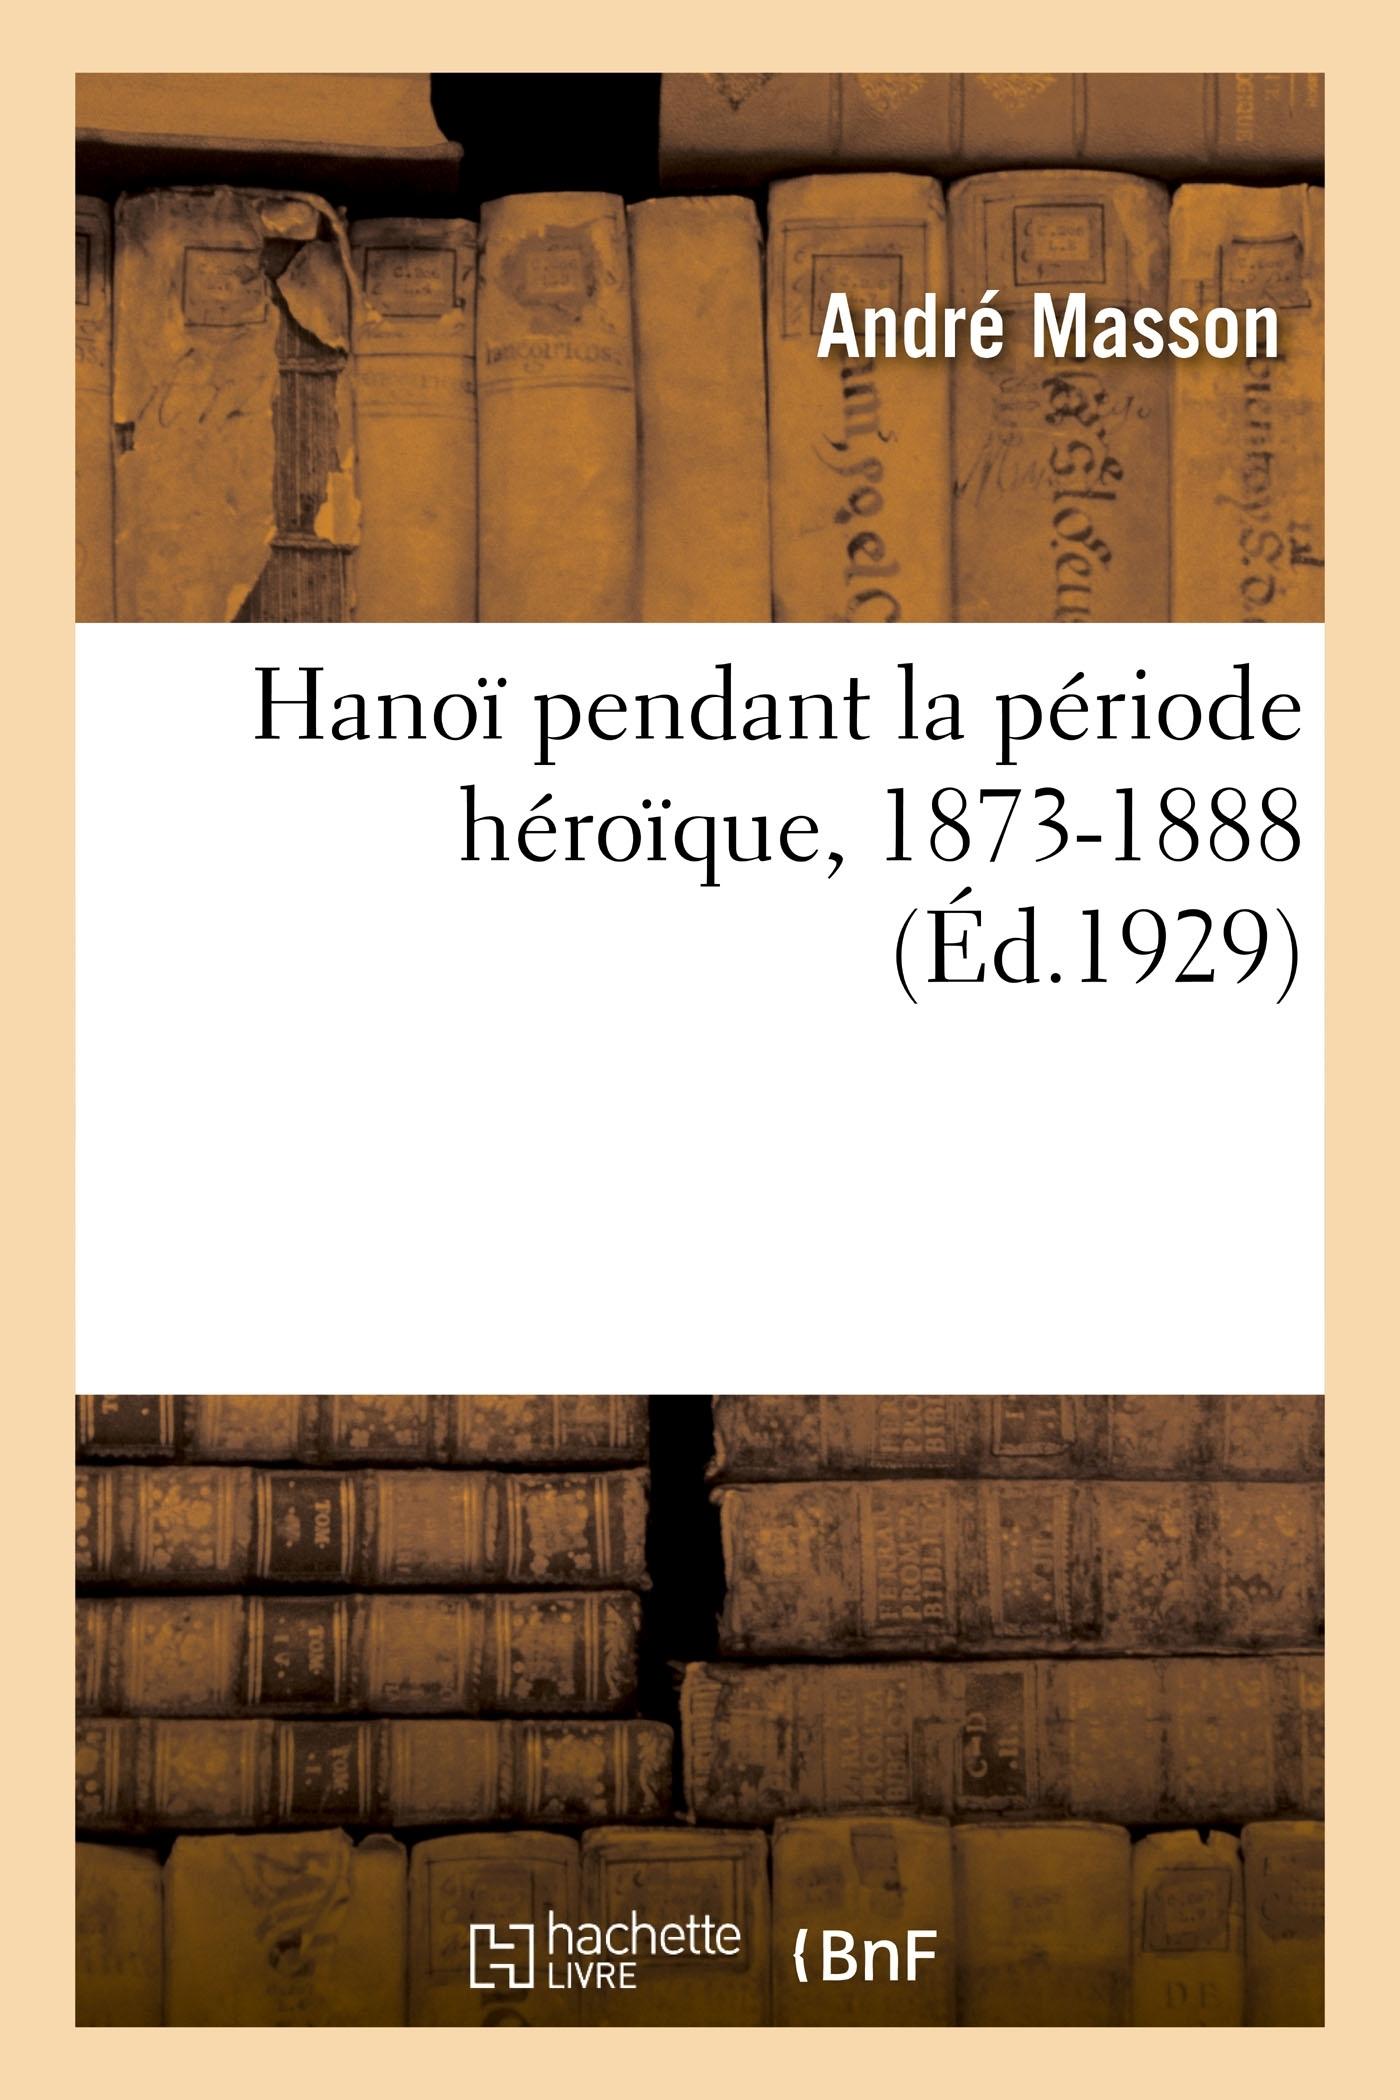 HANOI PENDANT LA PERIODE HEROIQUE, 1873-1888